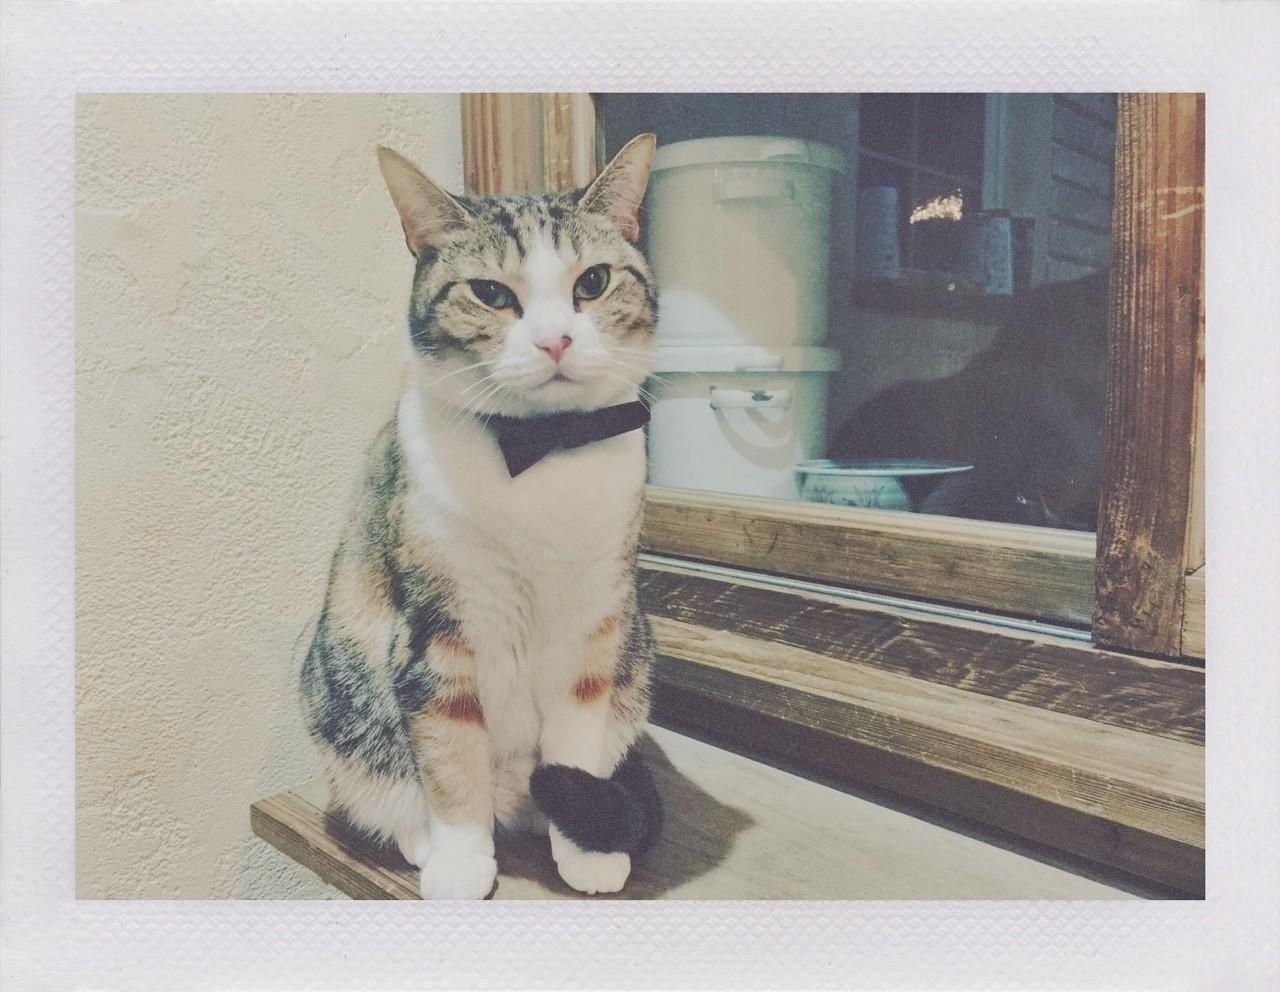 不満顔。 なぜ不満なのかはインスタに書いたので割愛(https://instagram.com/p/BfVrWtRA0N5/)#ねこ #猫 #写真